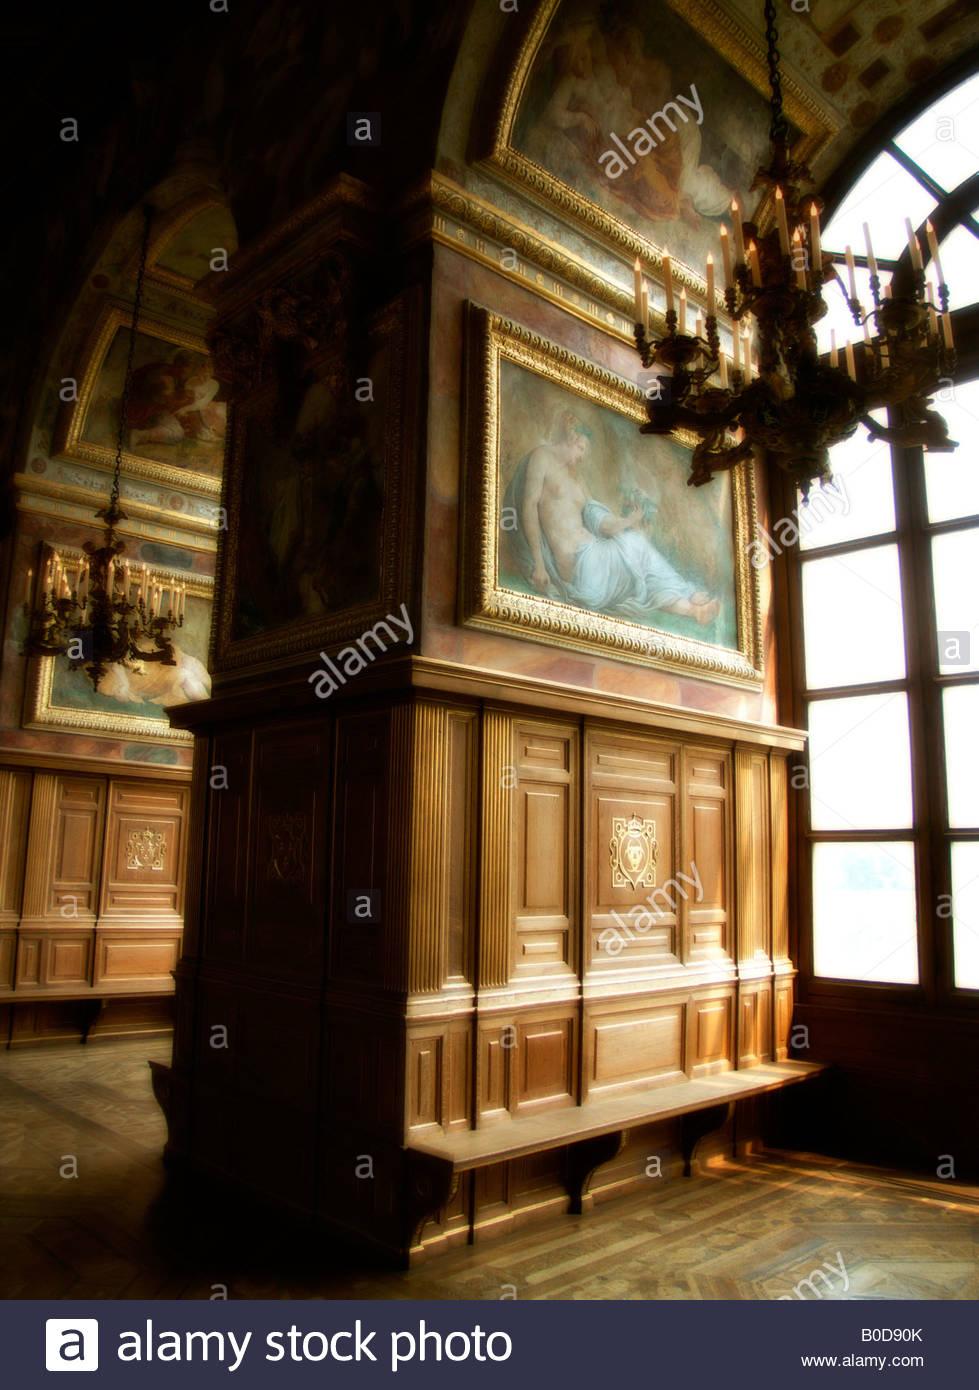 Salle De Bal (Dance Hall). Château De Fontainebleau avec Liste De Departement De France